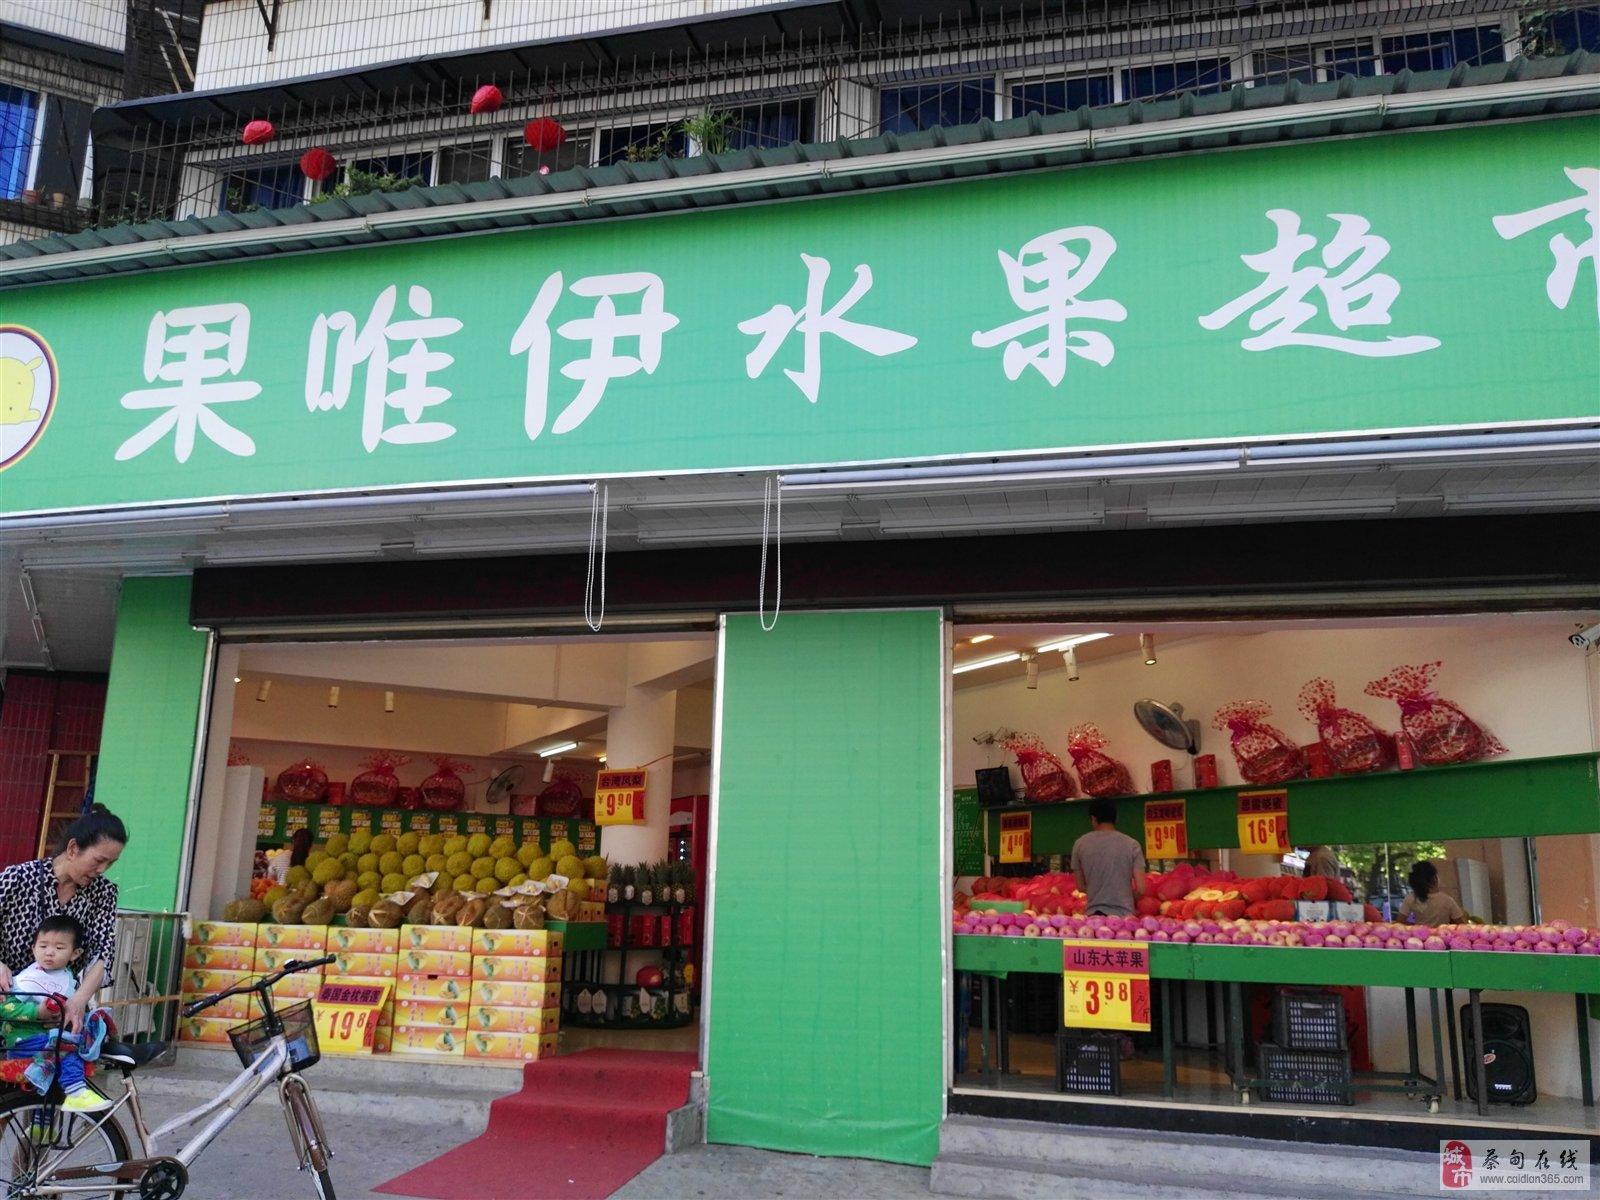 创意水果店名字招牌设计